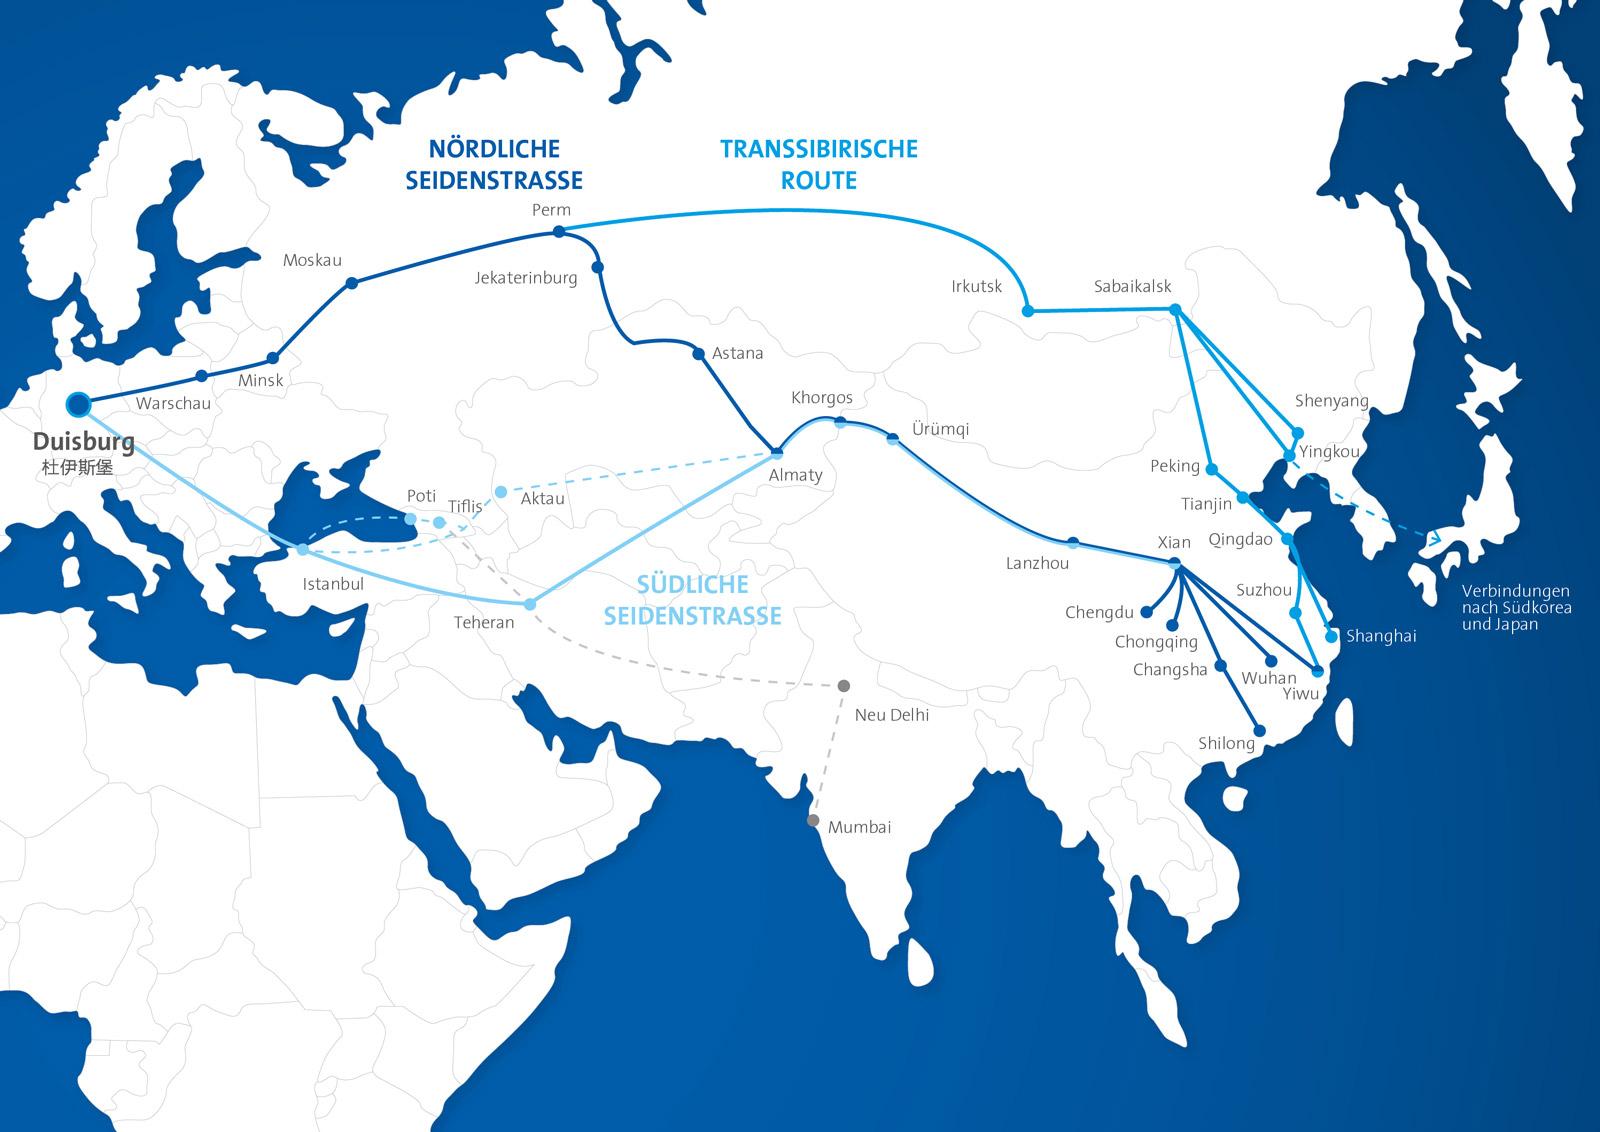 Die neue Seidenstraße zum Chinaverkehr und duisport in Duisburg